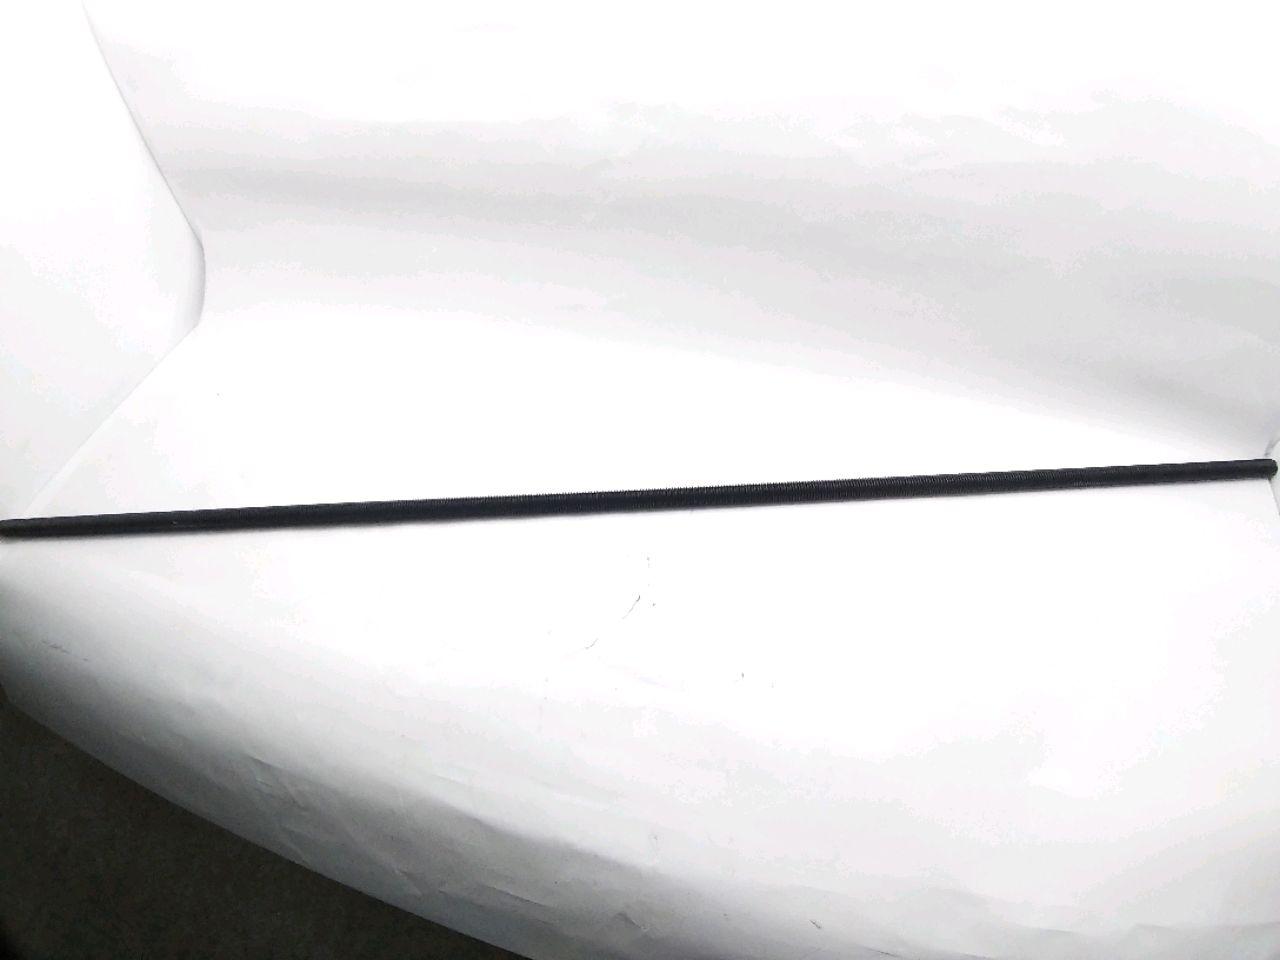 Spilca M14х1,5х1000 DIN975